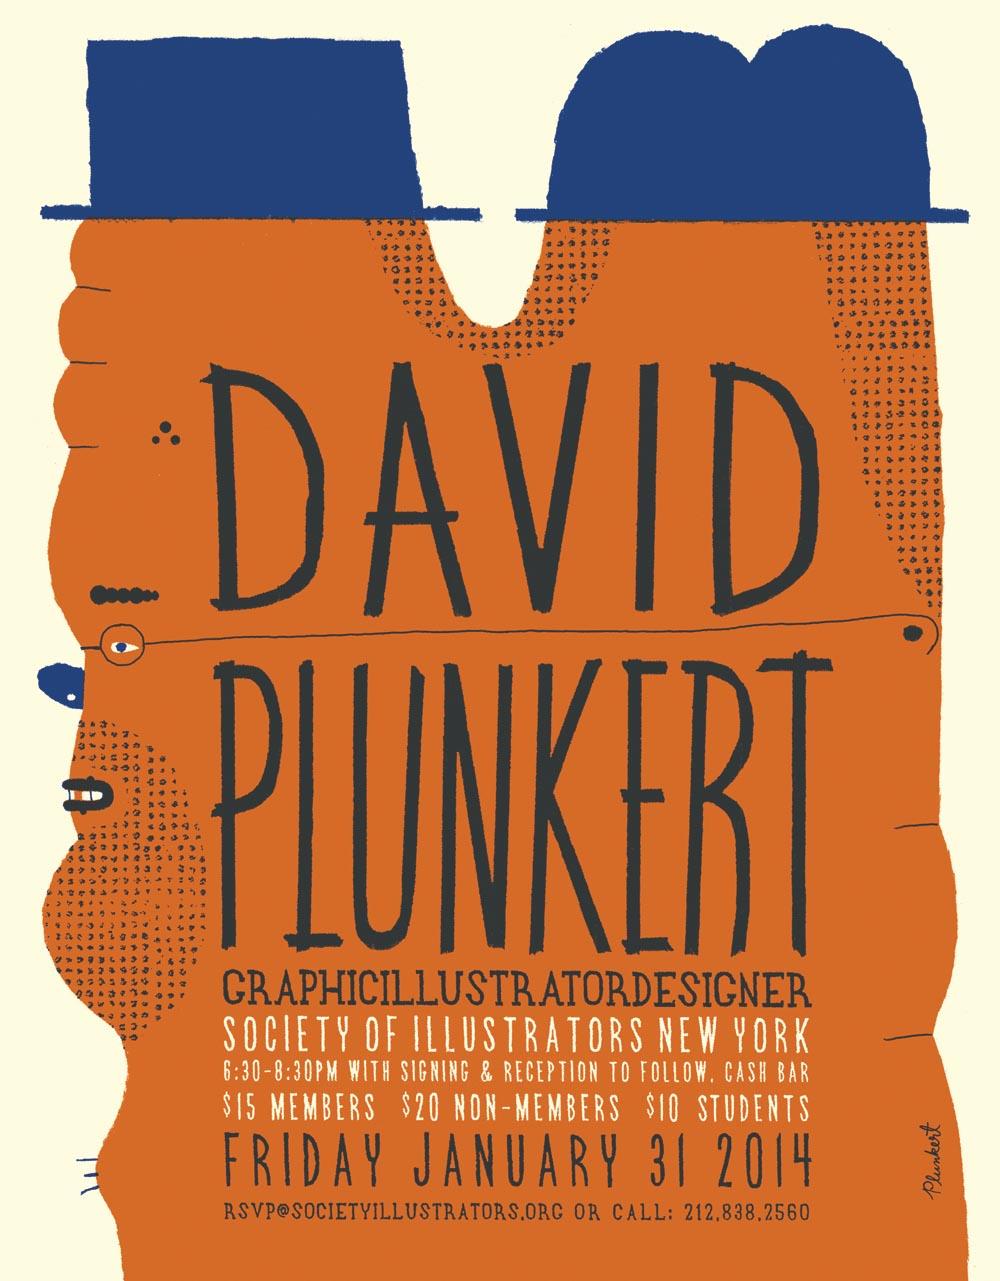 plunkert-soi-poster-blog.jpg